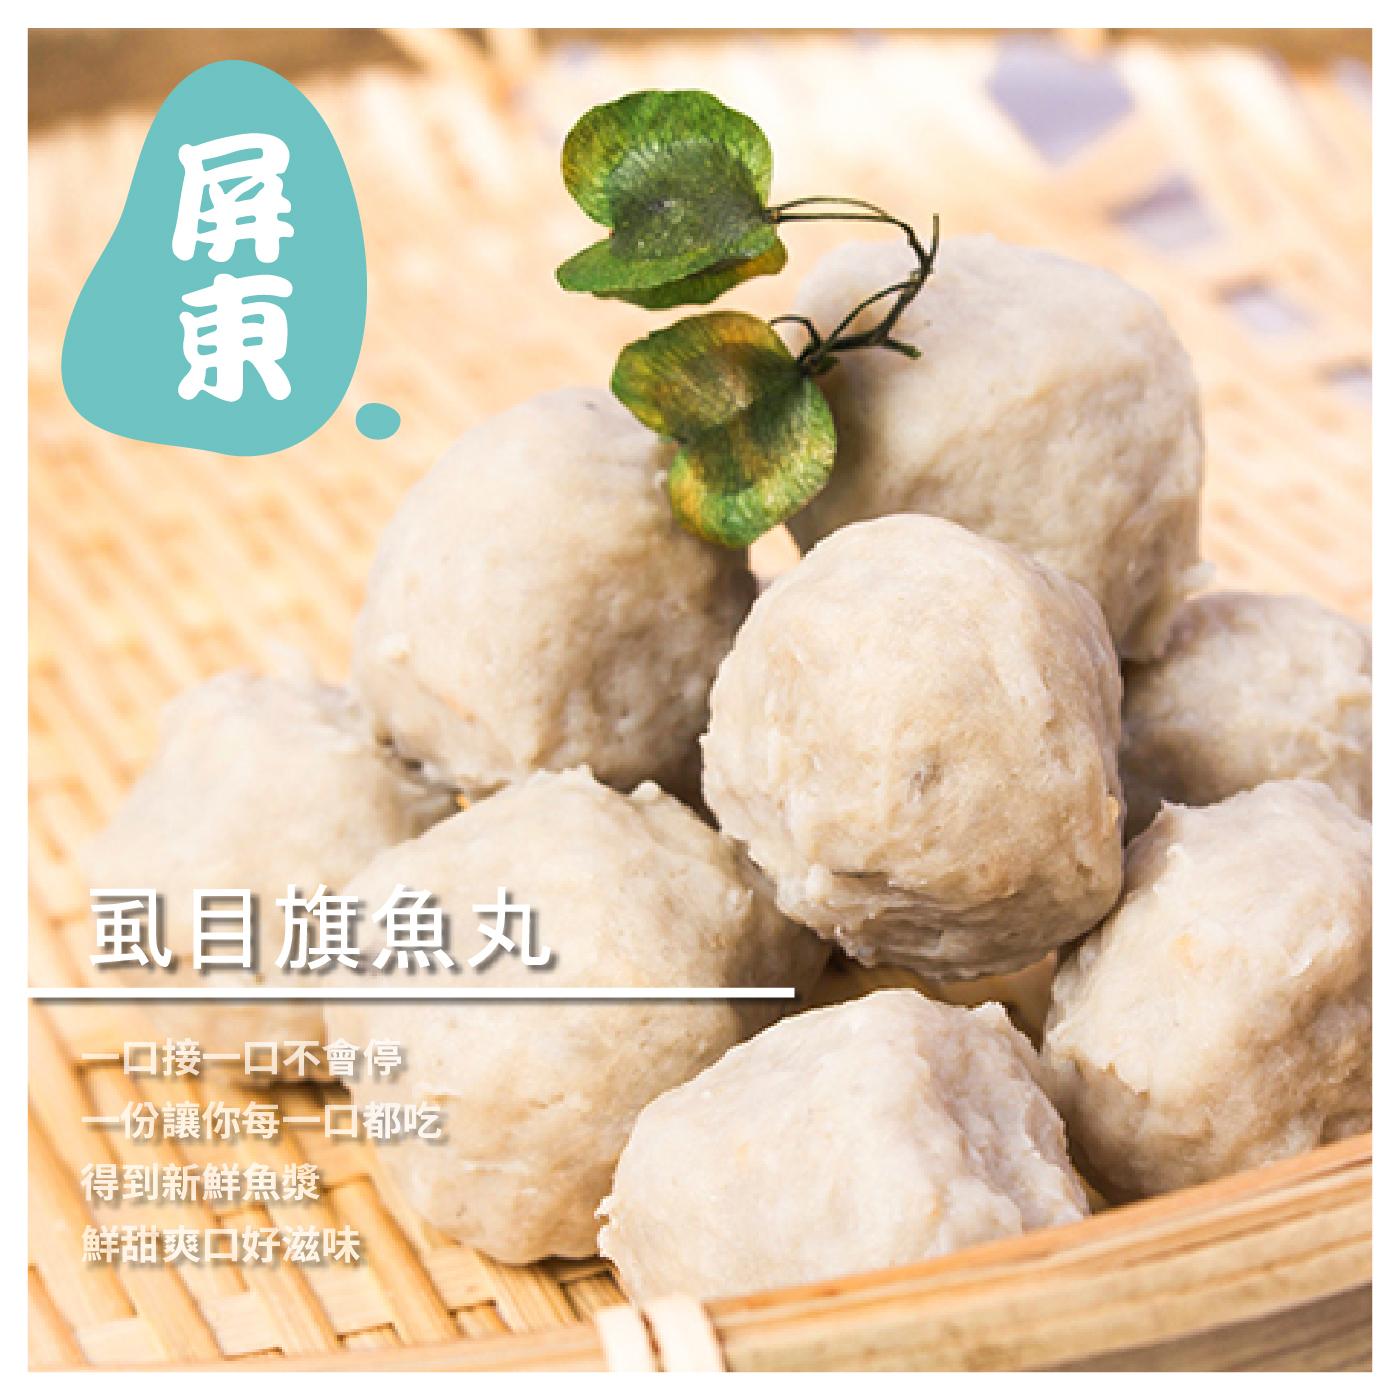 【娘管麵】虱目旗魚丸 / 200g / 包